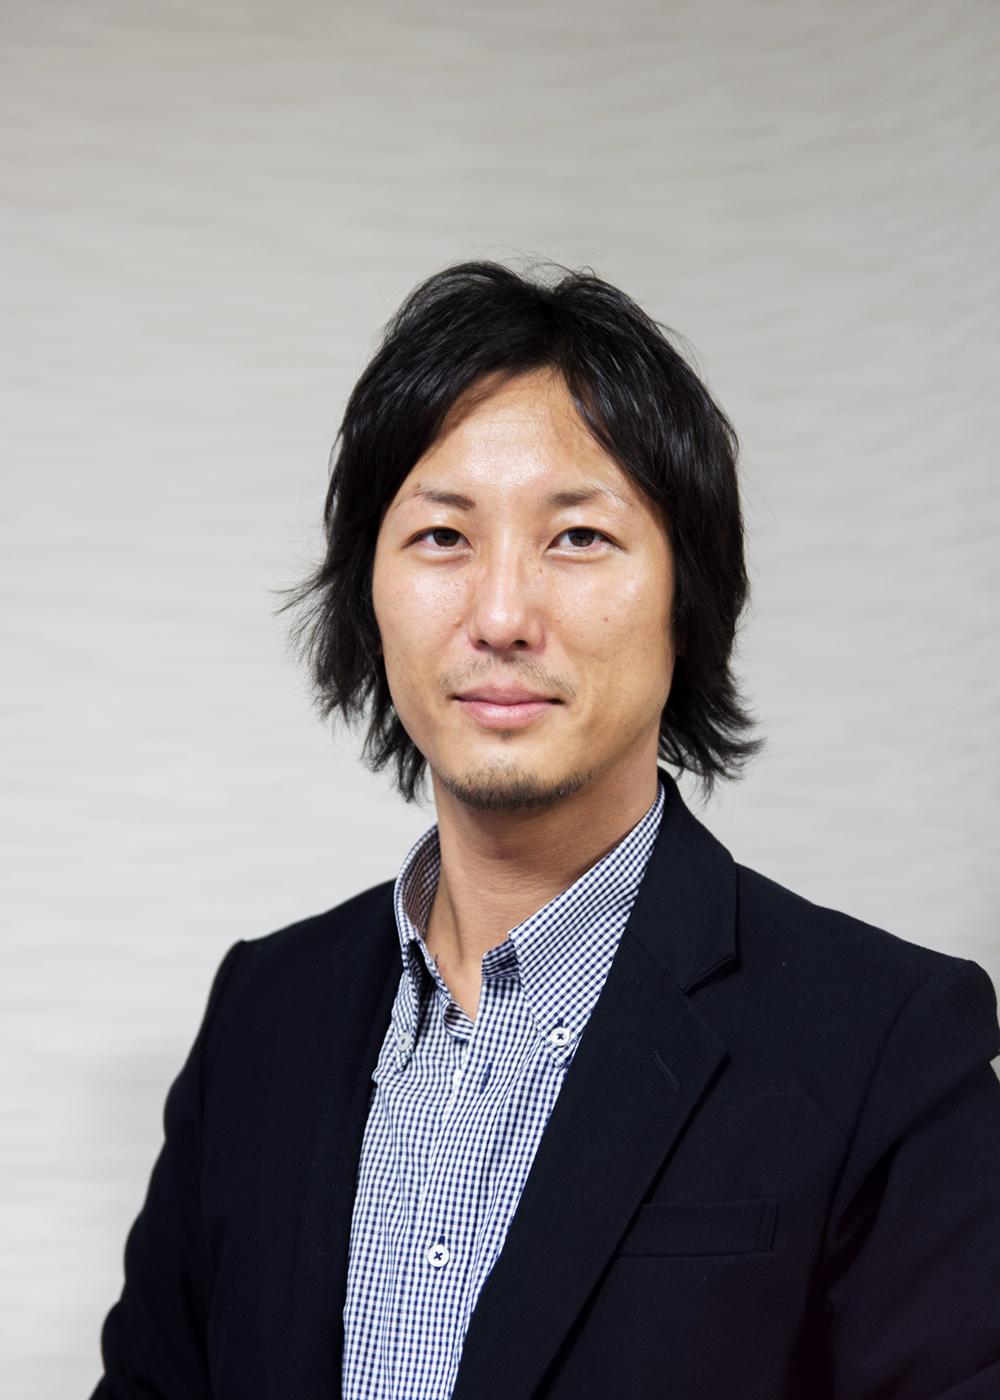 市川 昌史/Masashi Ichikawa